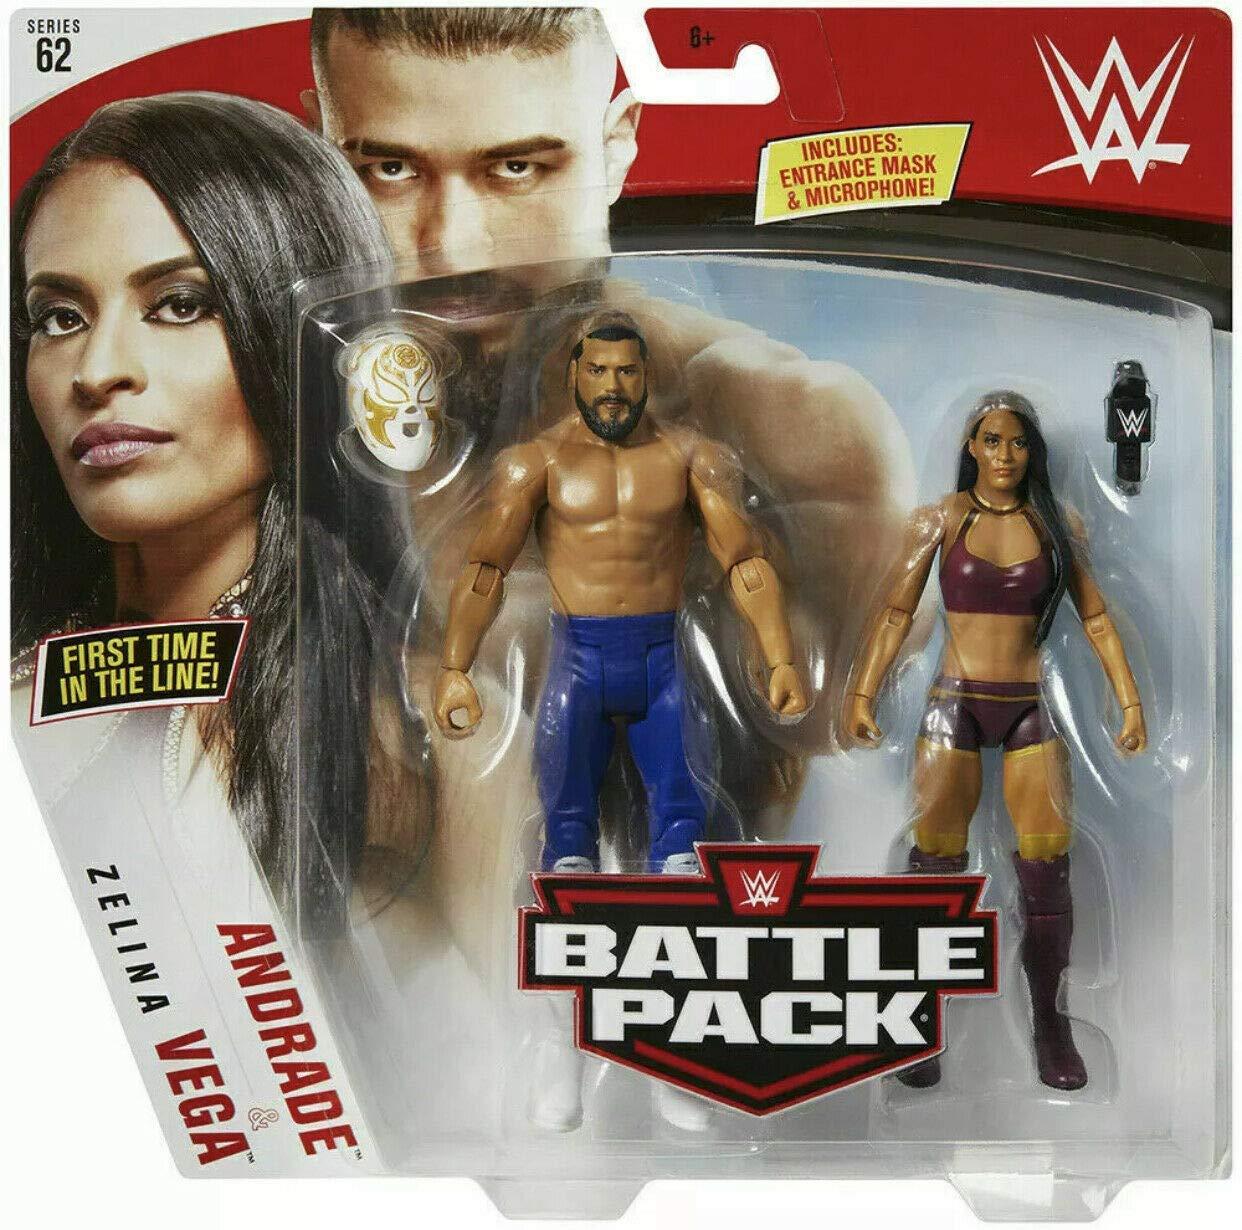 Andrade con Máscara y Zelina Vega WWE Battle Pack Figura Básica Lucha Libre Mattel Serie 62: Amazon.es: Juguetes y juegos